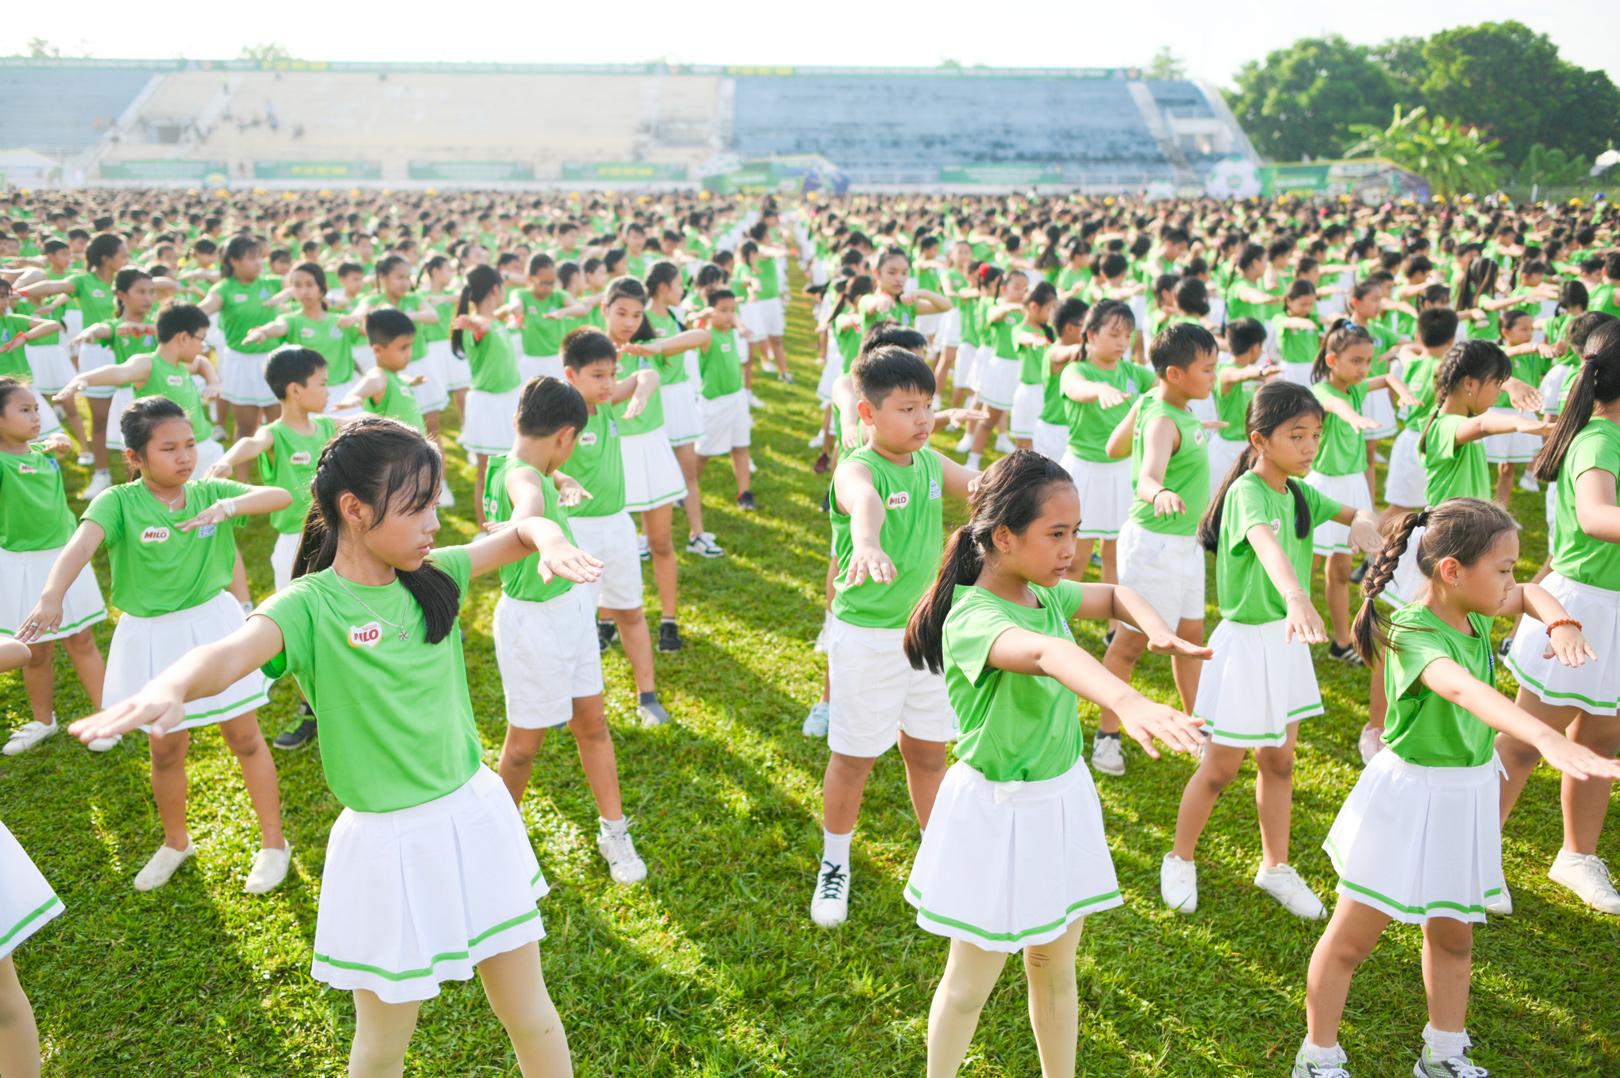 Màn đồng diễn thể dục của hơn 6000 học sinh xác lập kỷ lục Việt Nam - 3